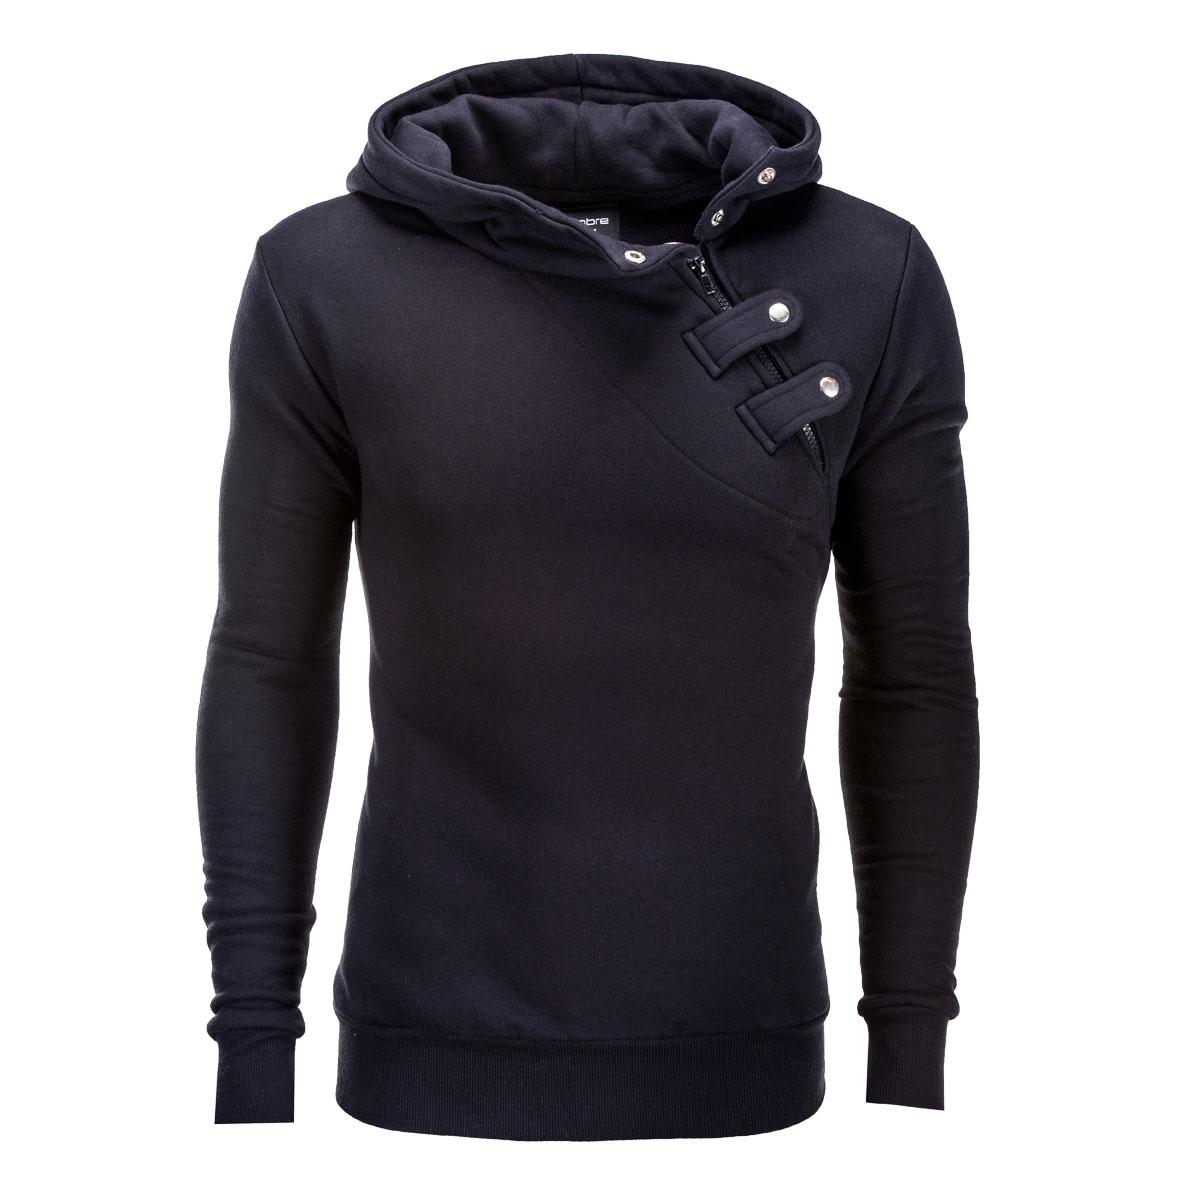 Ombre Clothing Pánská mikina Paco s bočním zipem černá - Glami.cz 5666338061